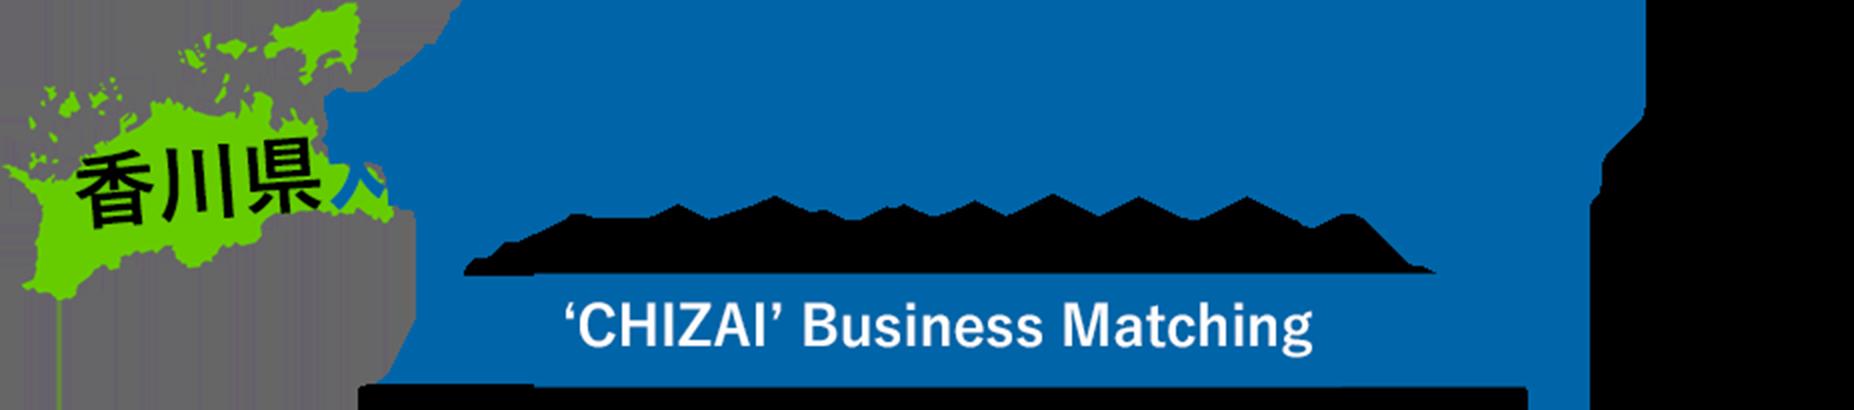 香川県知財ビジネスマッチングサイト